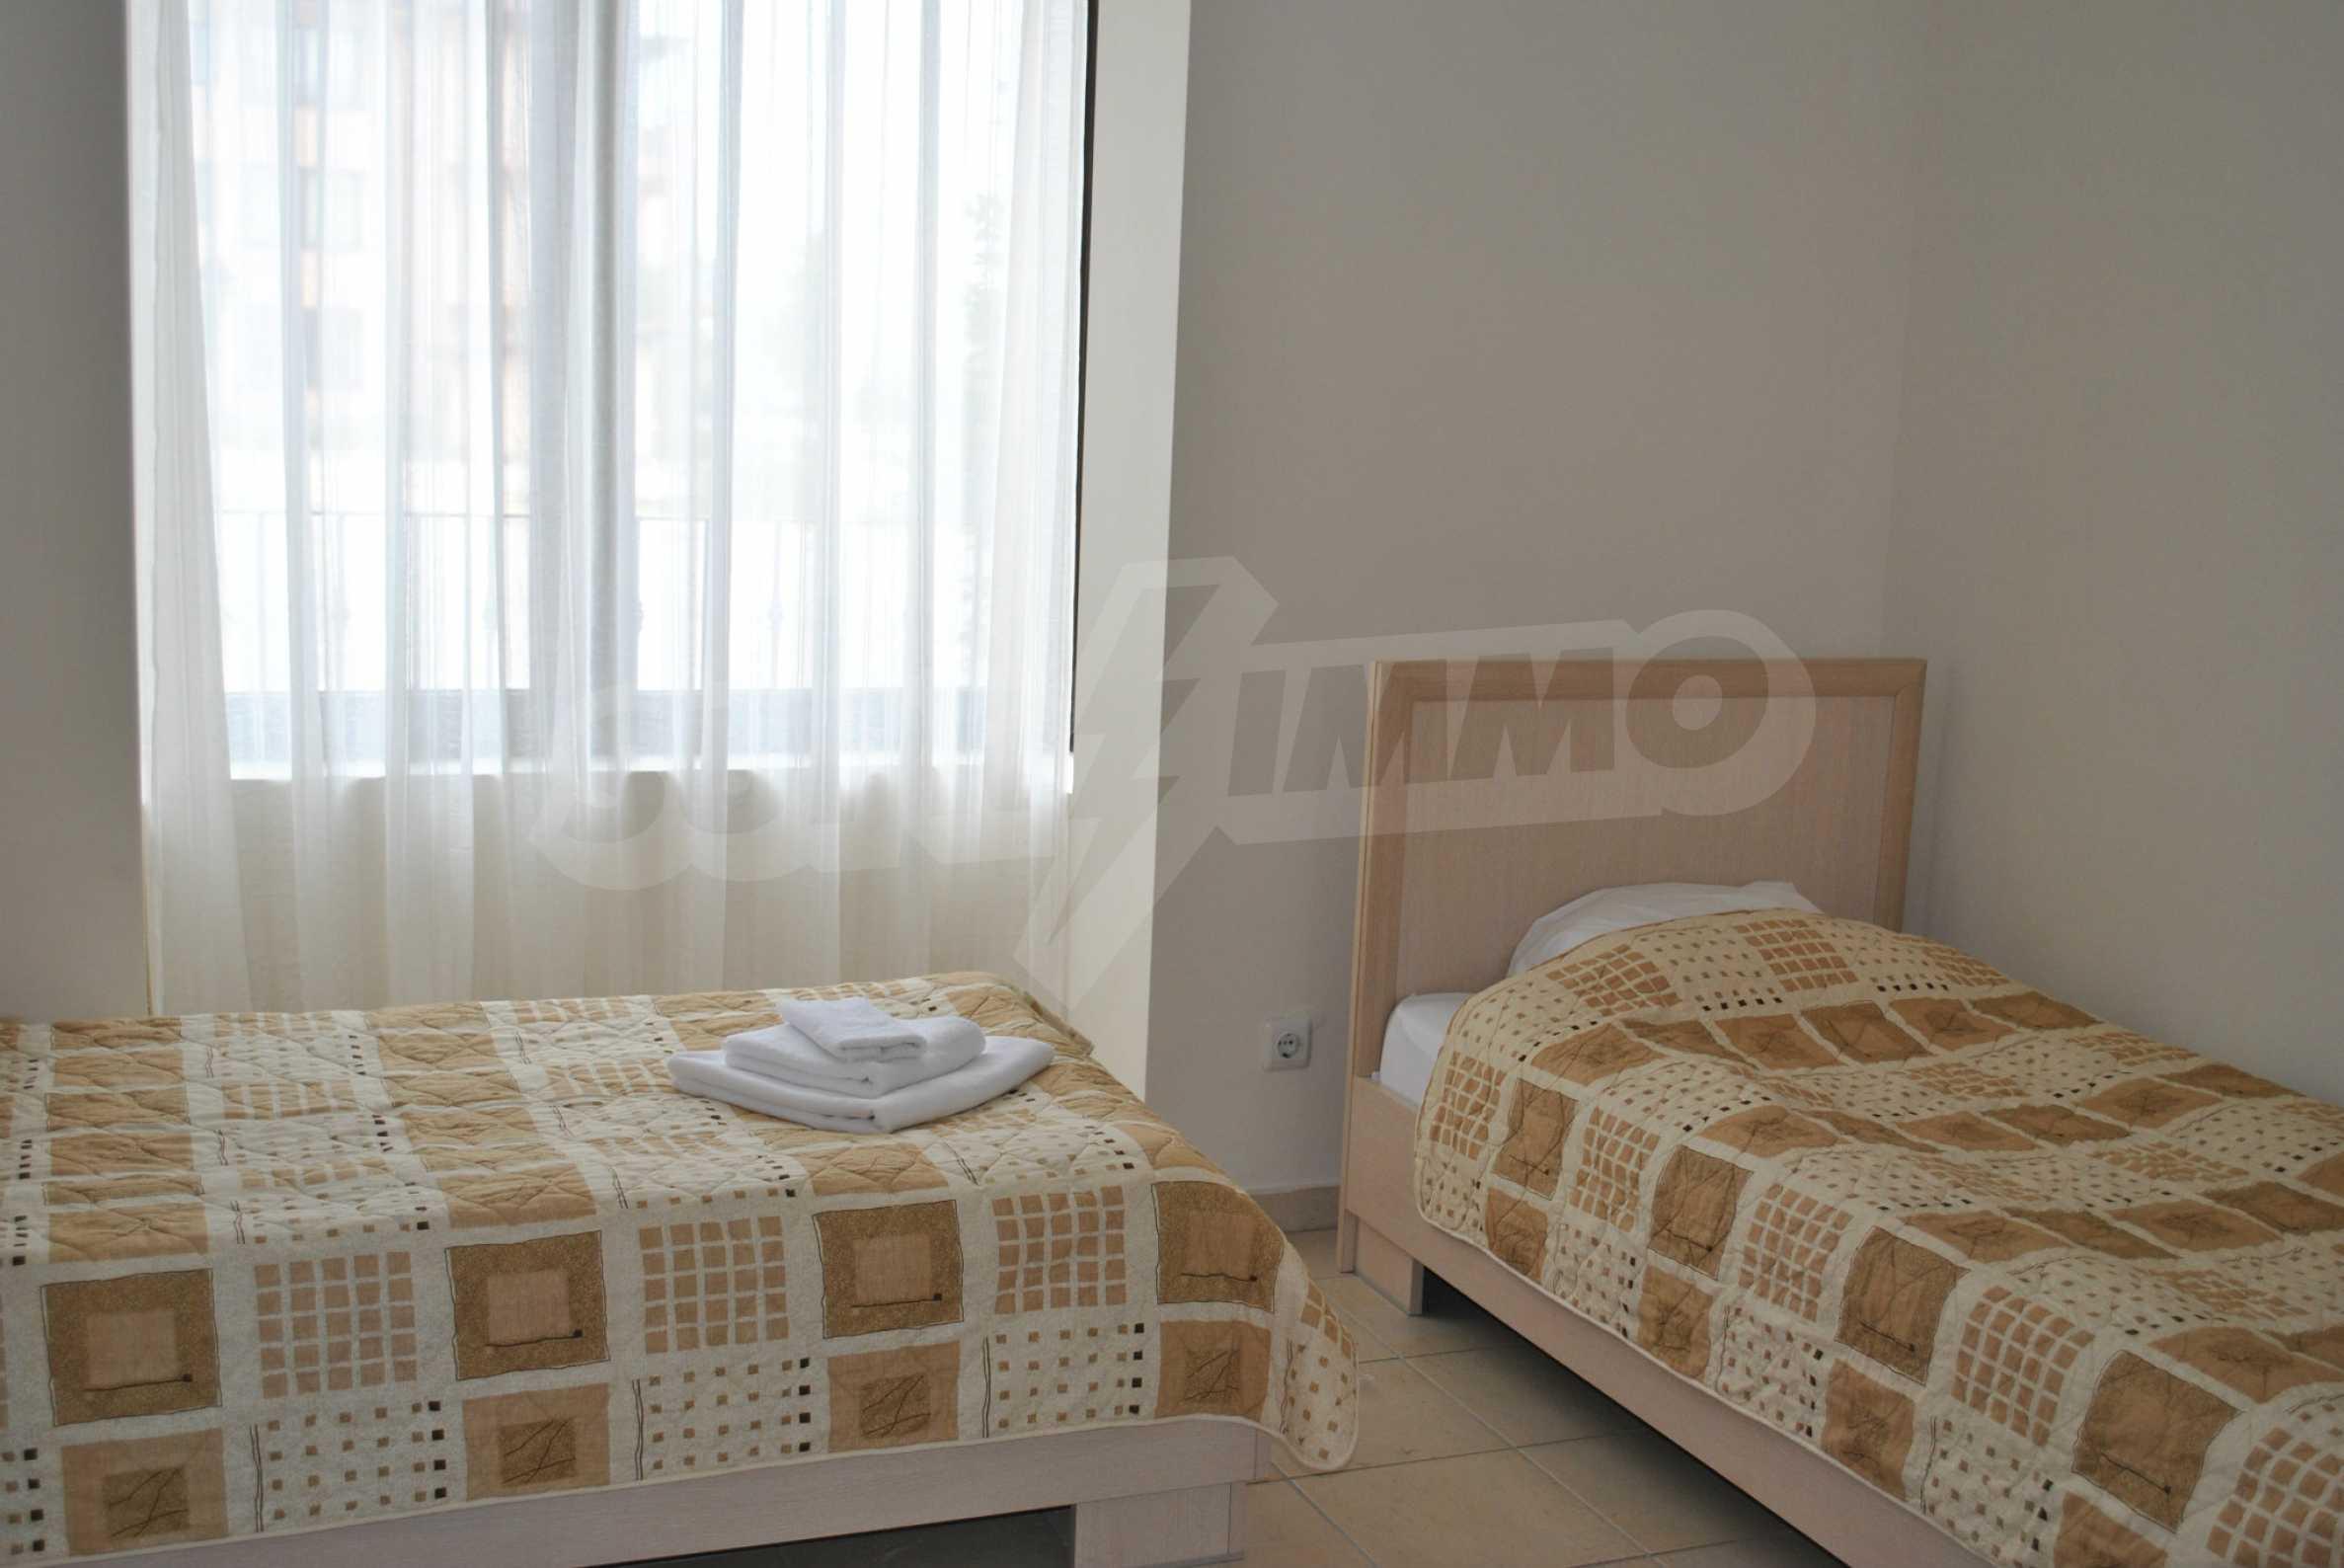 Wohnung in einer Luxusanlage 5